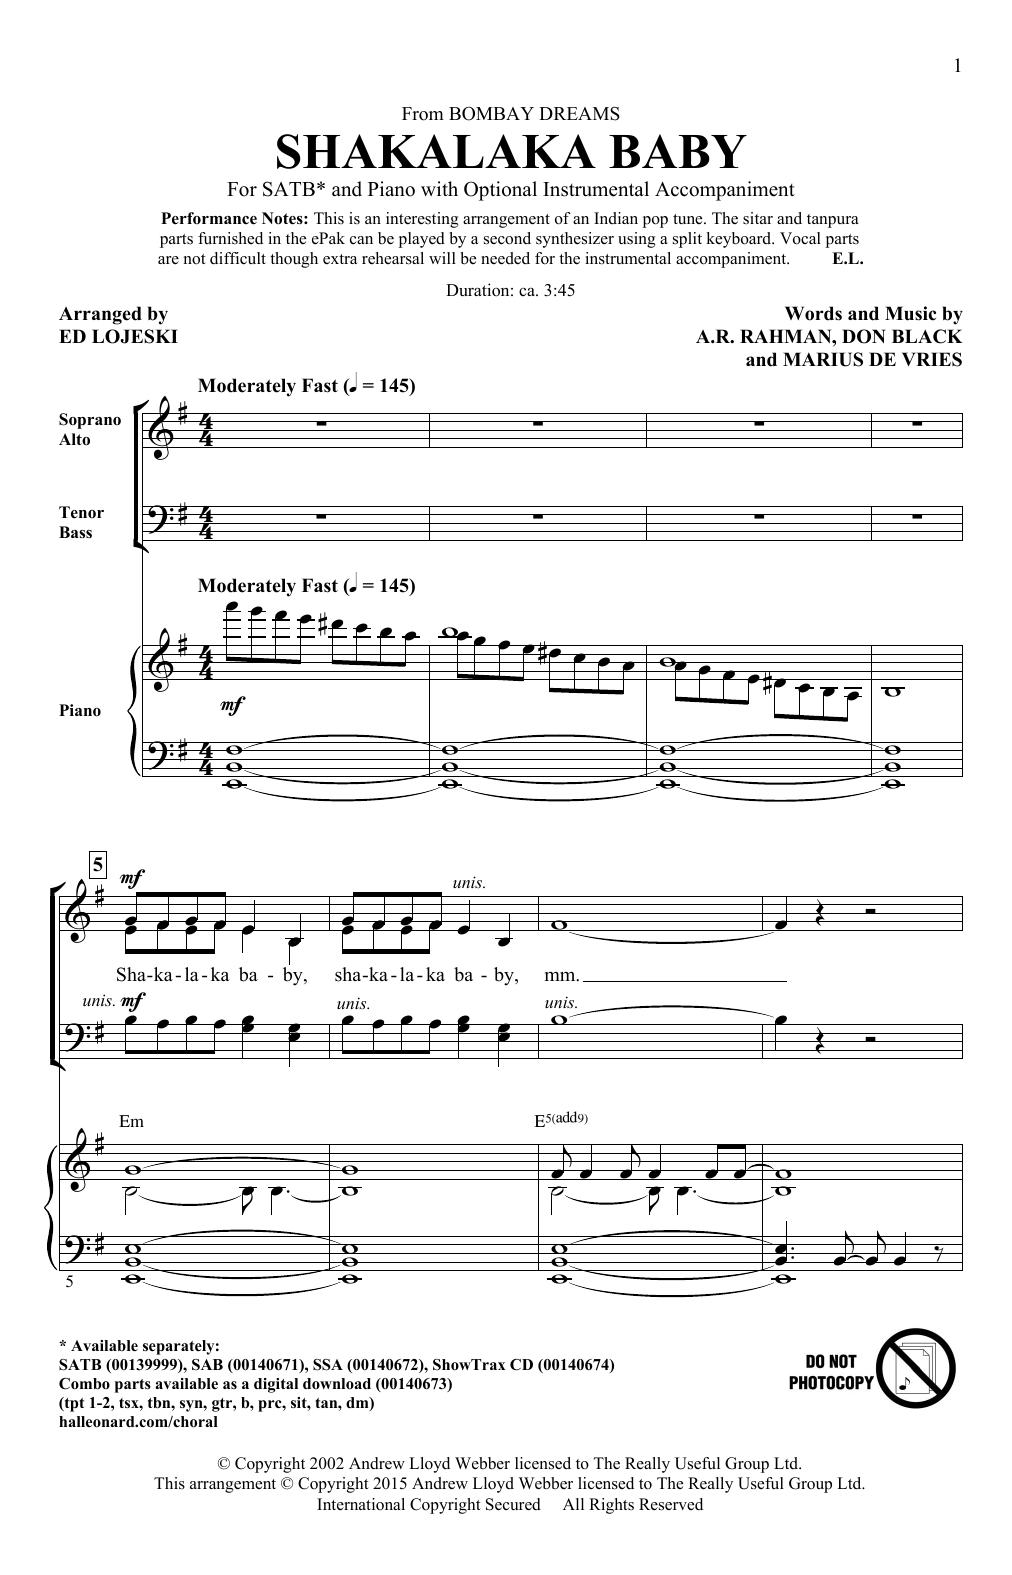 Shakalaka Baby (from Bombay Dreams) (arr. Ed Lojeski) Sheet Music